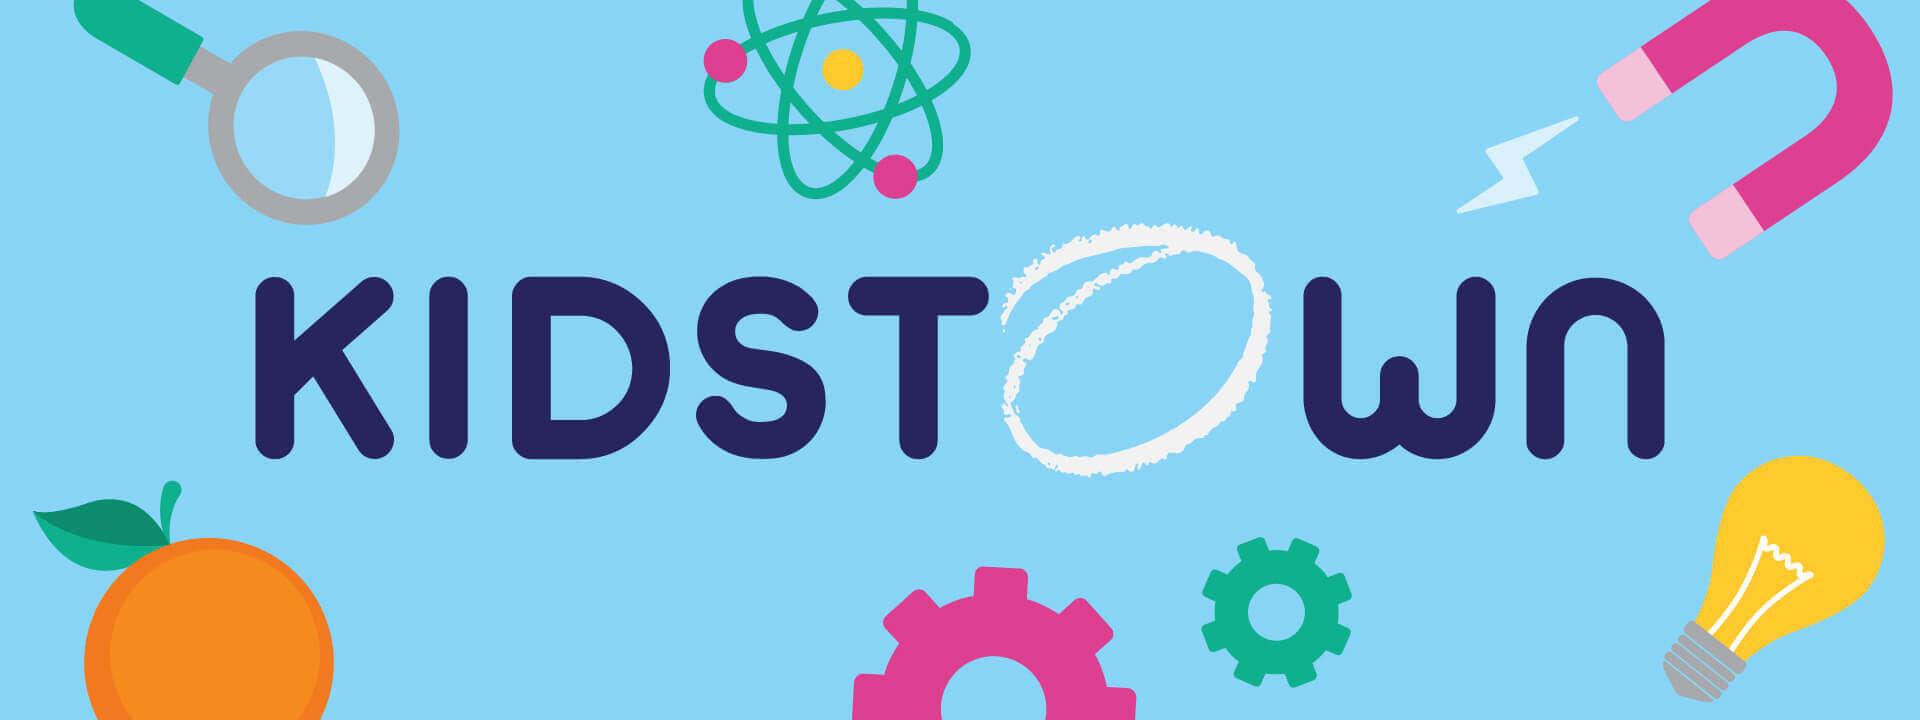 KidsTown logo